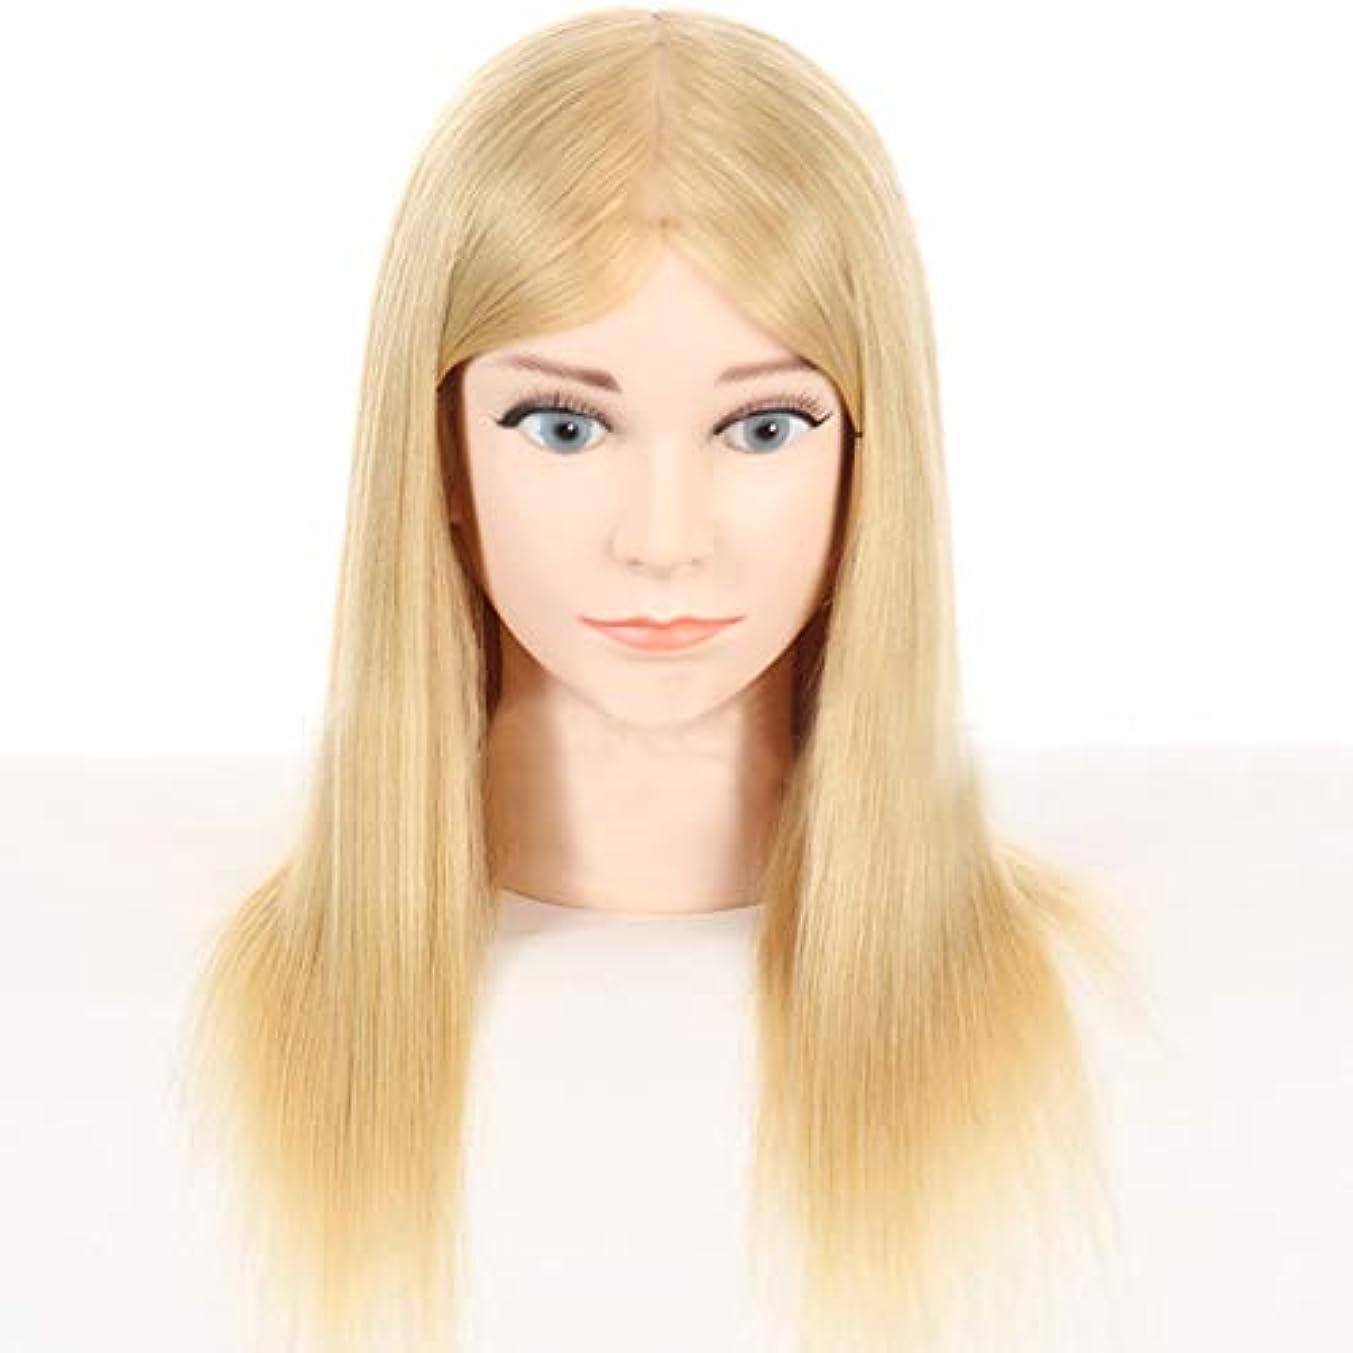 実質的に満足できる倒産本物の人間の髪のかつらの頭の金型の理髪の髪型のスタイリングマネキンの頭の理髪店の練習の練習ダミーヘッド